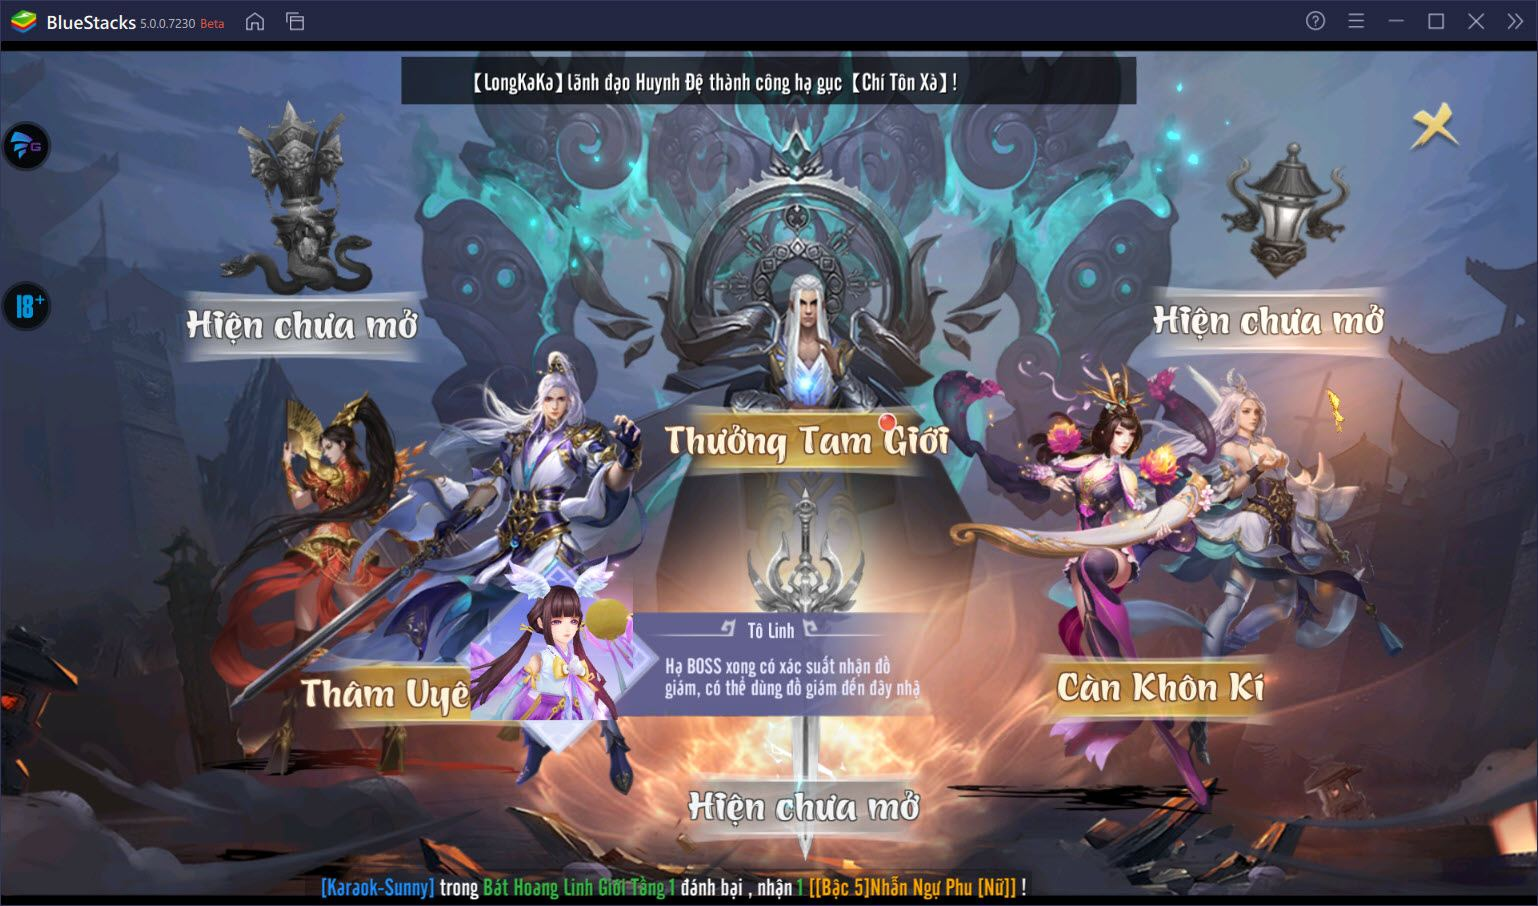 Chơi Thiên Long Kiếm 2, thỏa sức PK cùng BlueStacks trên PC